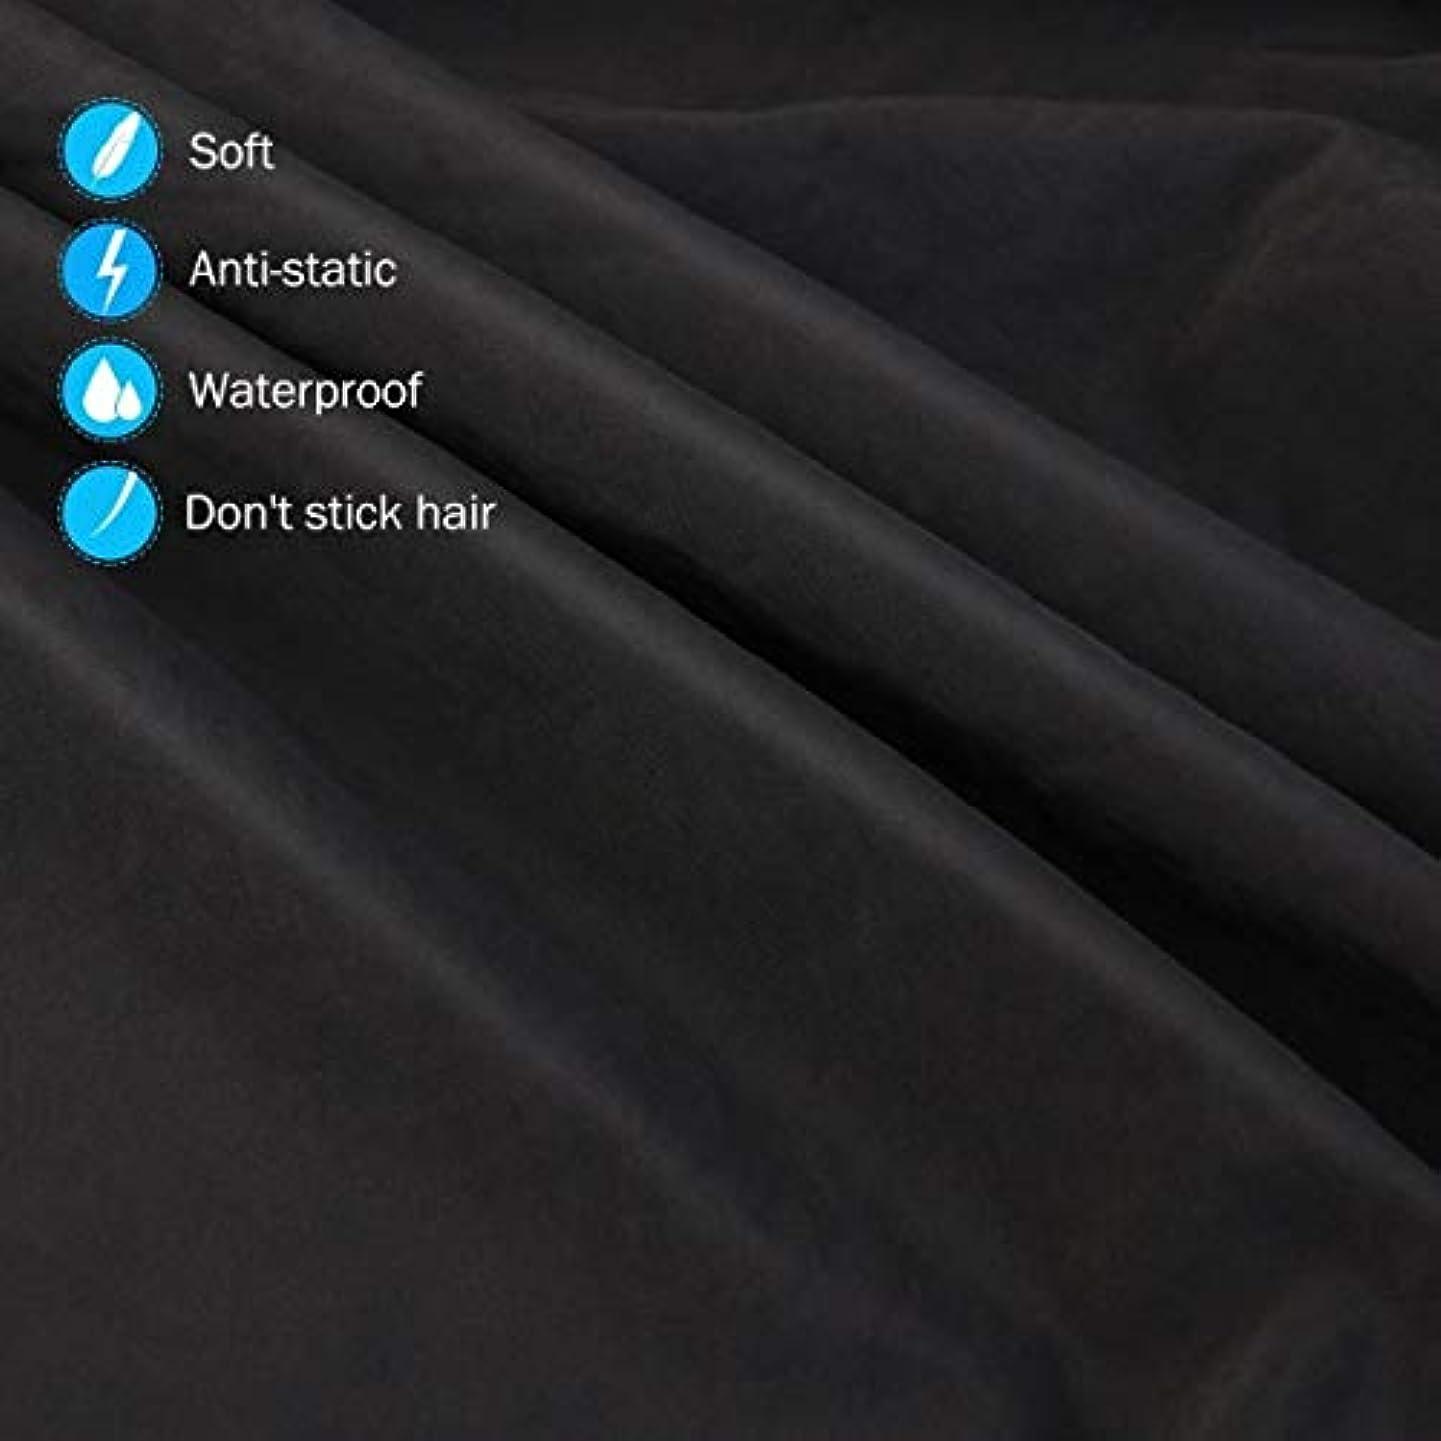 ゆりかごチャンス比喩HIZLJJ 大広間の家の理髪師の観覧の窓が付いている理髪ケープのガウン毛の切断のための目に見える観覧の窓が付いている防水大広間のガウンのエプロン